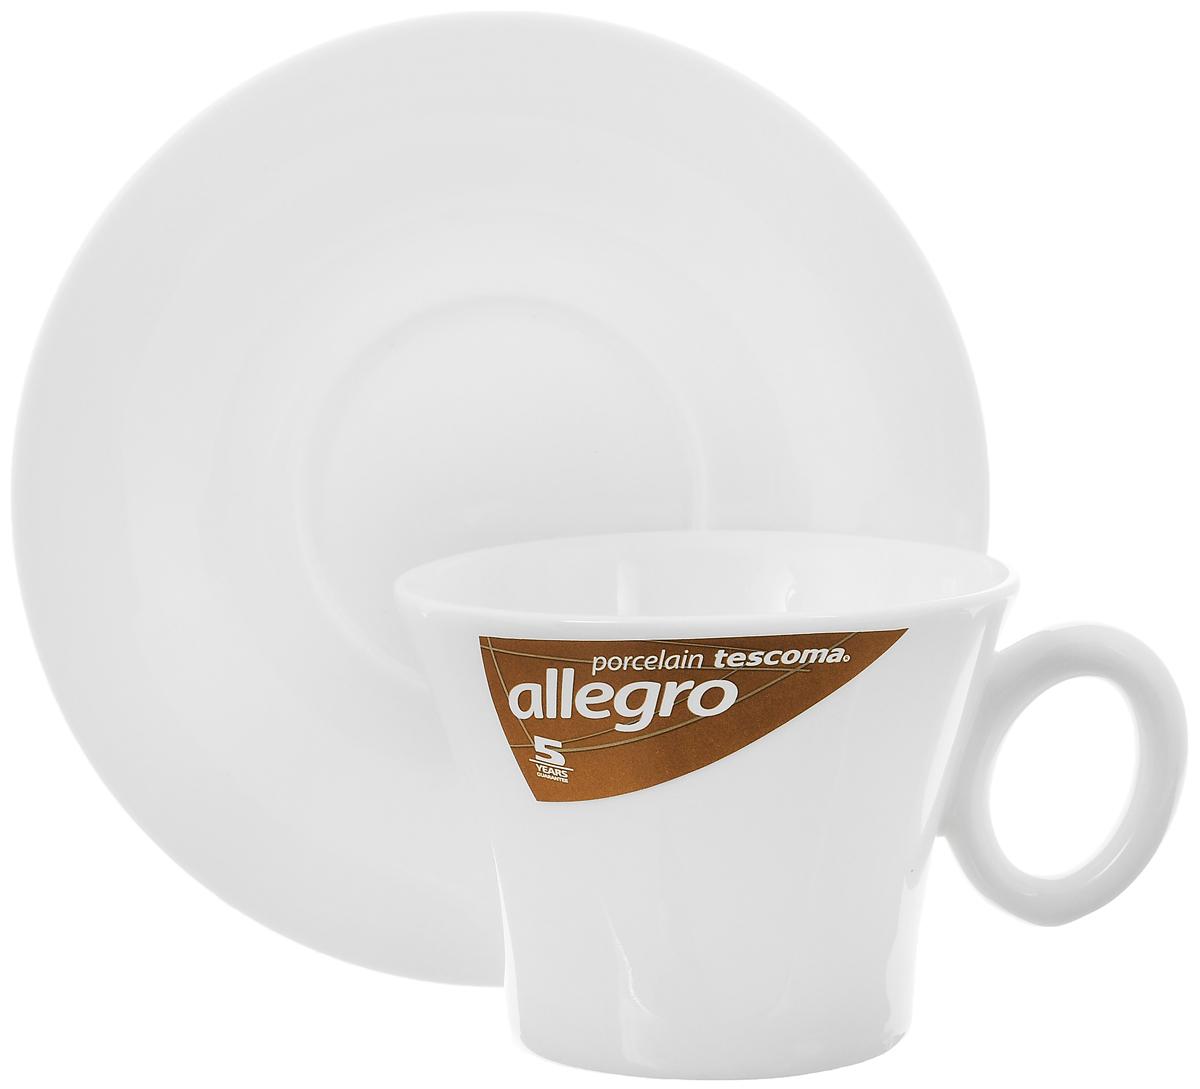 Кофейная пара Tescoma Allegro, цвет: белый, 2 предмета387522Кофейная пара Tescoma Allegro состоит из чашки и блюдца, изготовленных извысококачественного фарфора. Элегантный дизайн,несомненно, придется вам по вкусу.Кофейная пара Tescoma Allegro украсит ваш кухонный стол, а также станет замечательнымподарком к любому празднику.Можно использовать в микроволновой печи, холодильнике и посудомоечной машине. Объем чашки: 200 мл.Диаметр чашки (по верхнему краю): 9 см.Диаметр основания чашки: 5,5 см.Высота чашки: 7 см.Диаметр блюдца: 15 см.